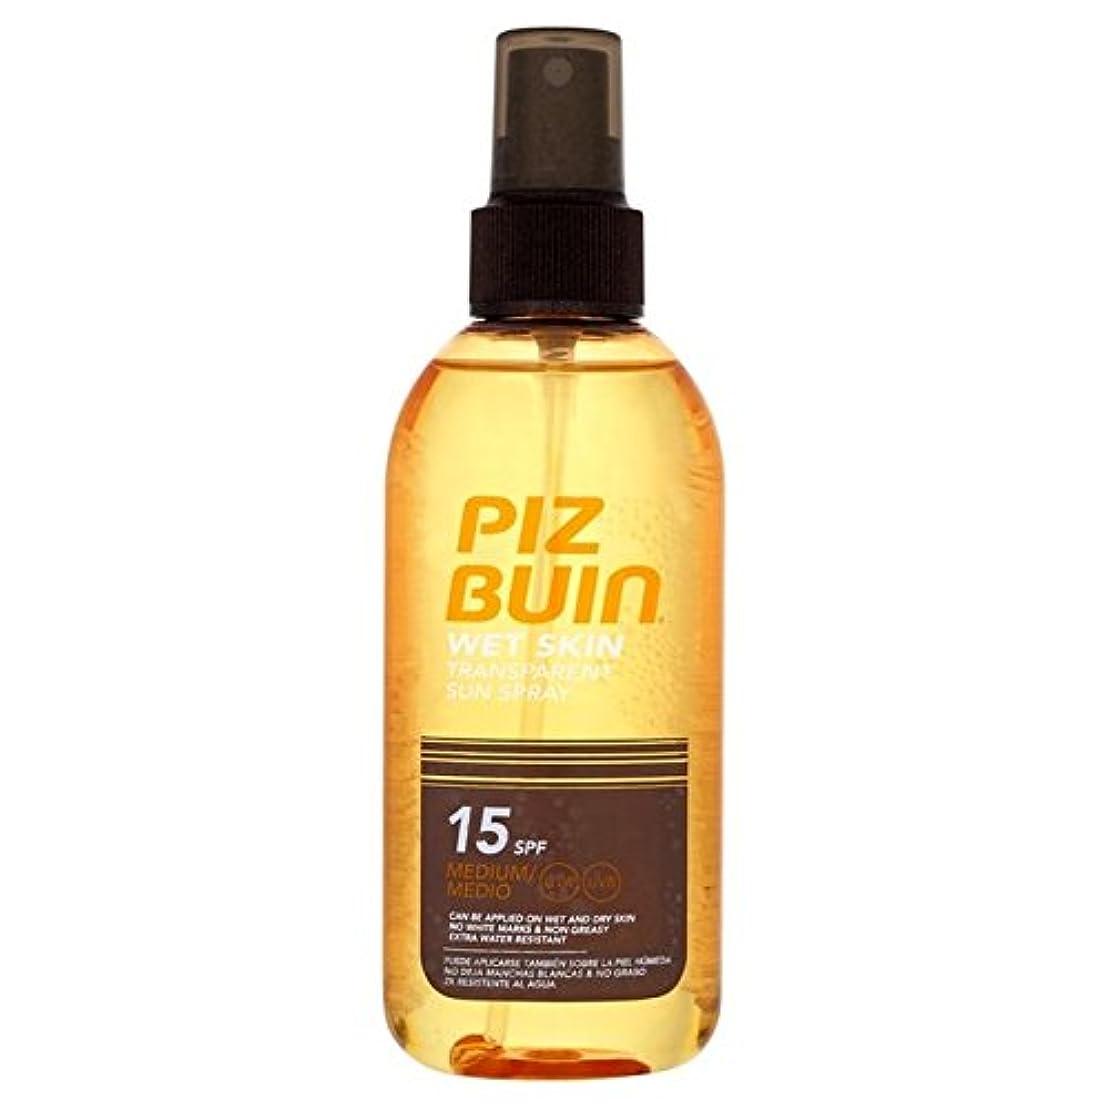 補体セント南Piz Buin Wet Transparent Skin SPF15 150ml - ピッツブーインの湿った透明肌15の150ミリリットル [並行輸入品]